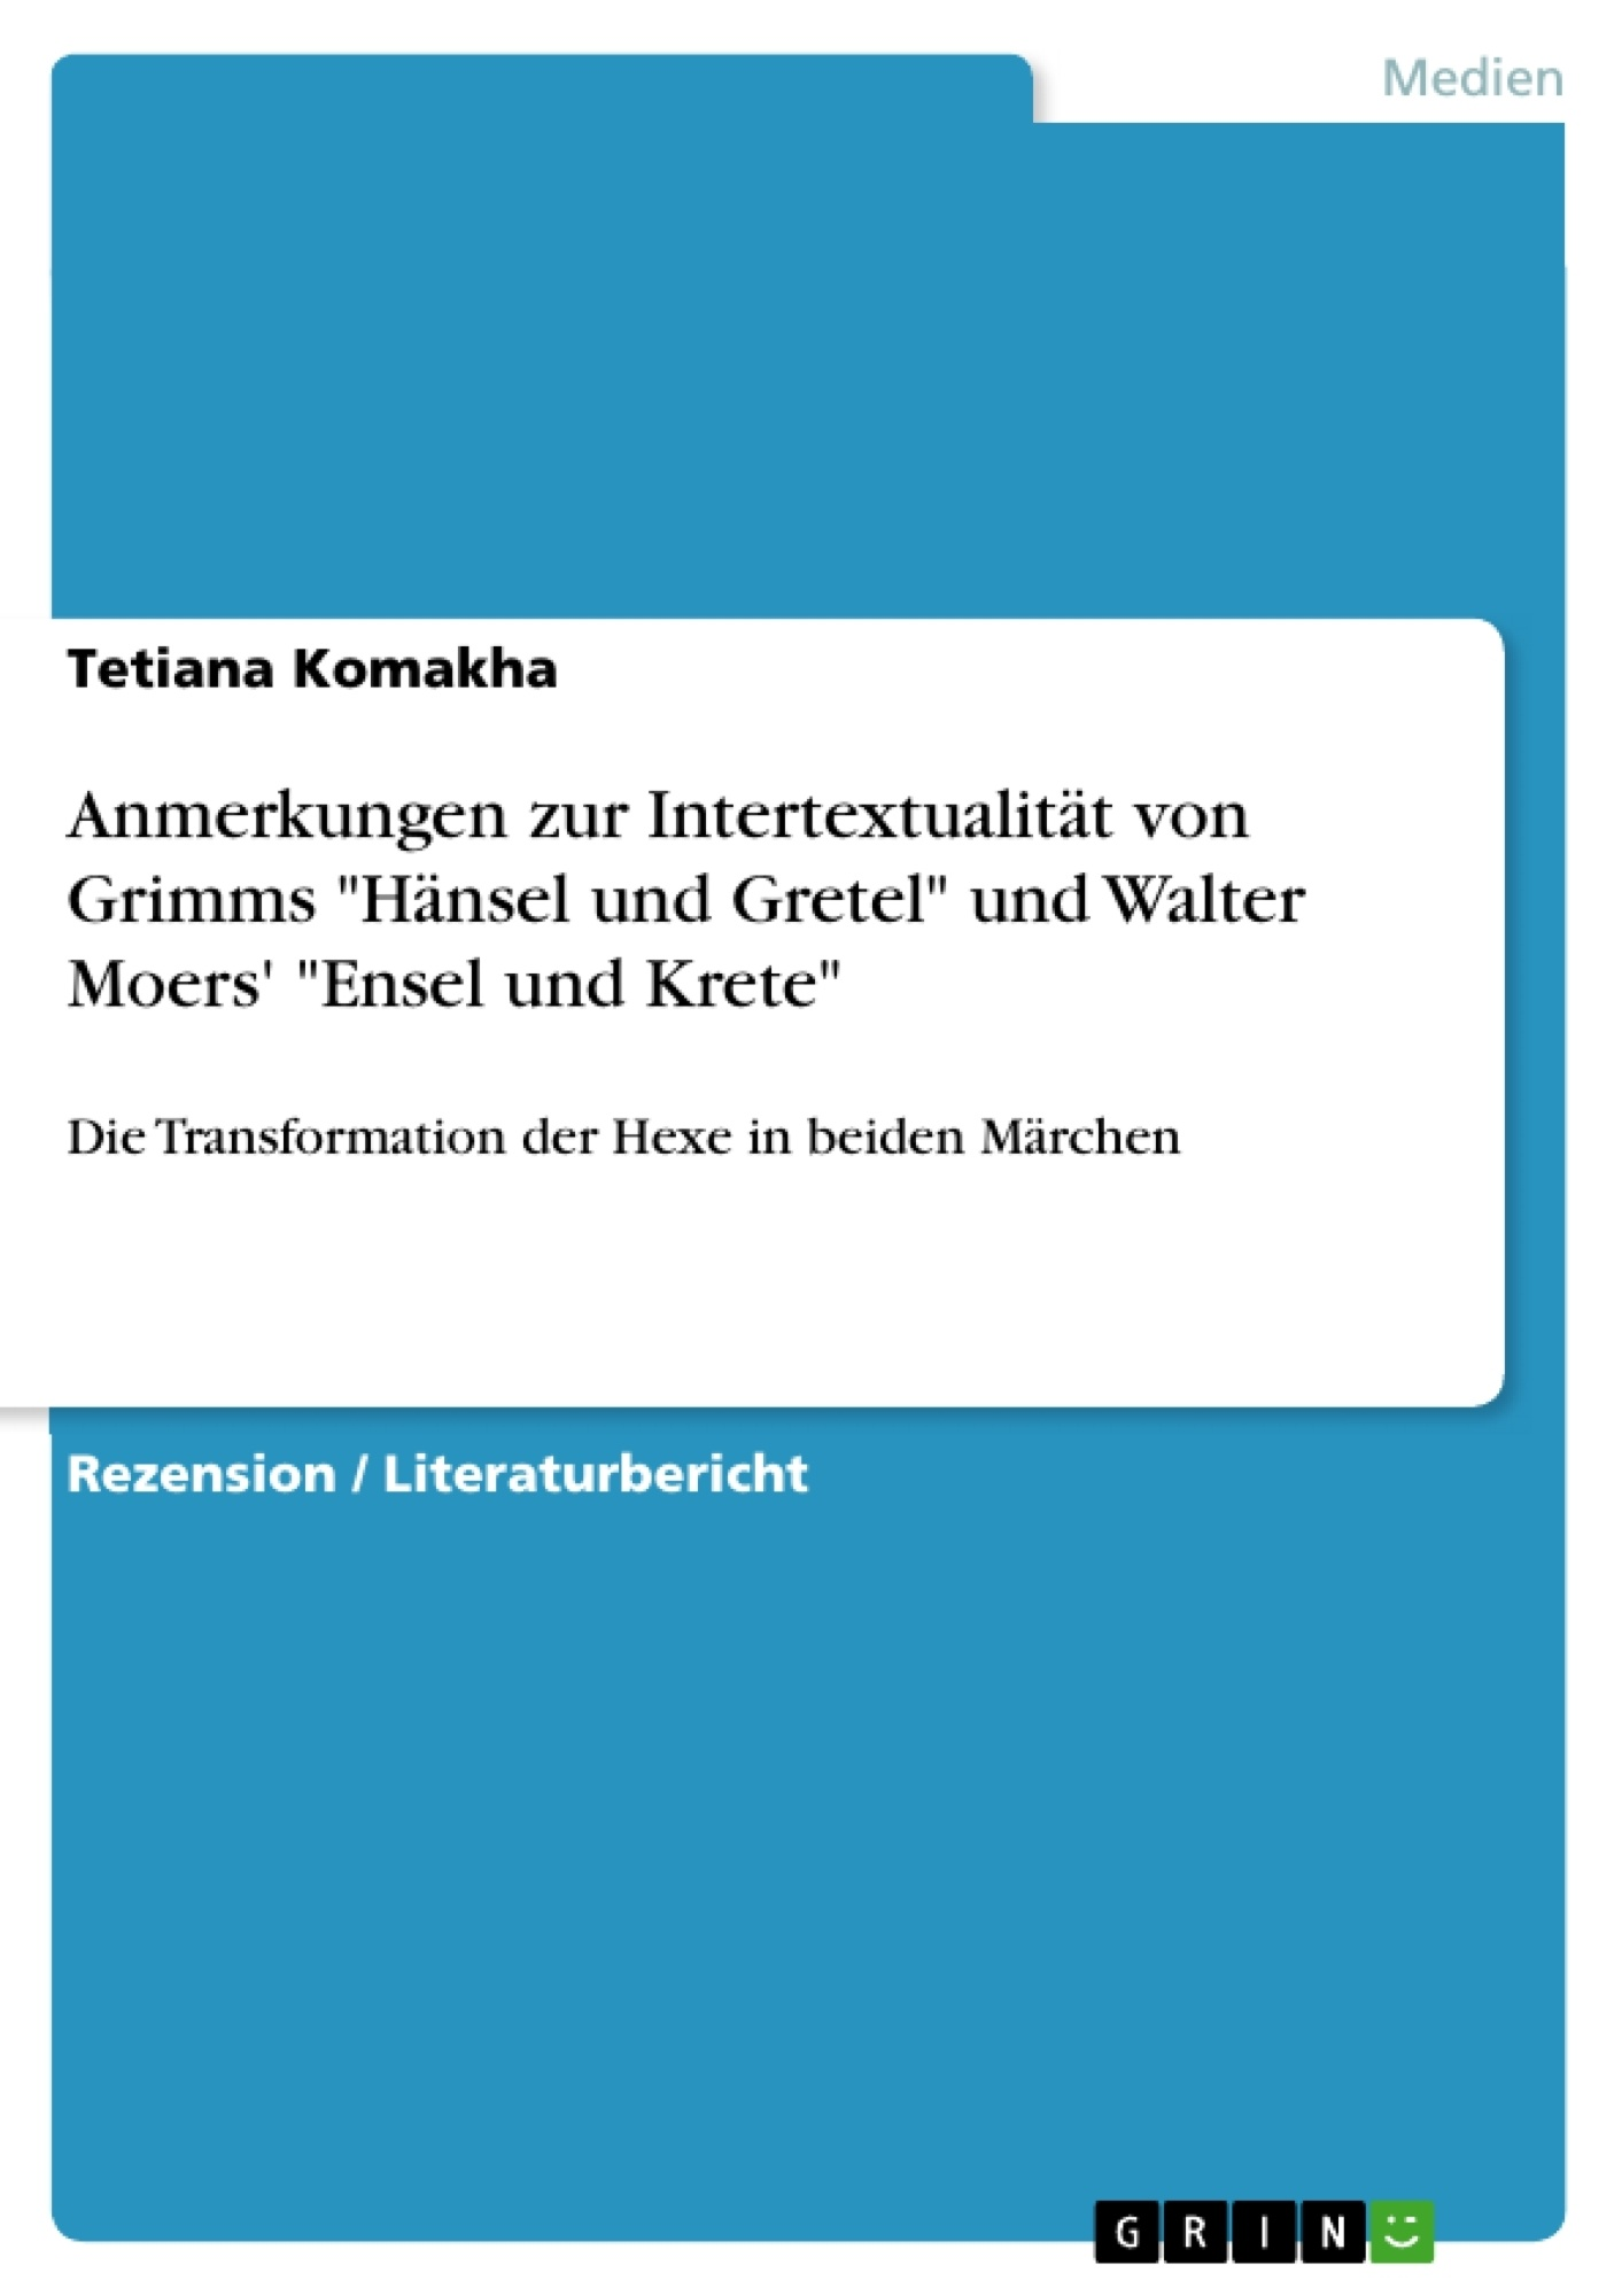 """Titel: Anmerkungen zur Intertextualität von Grimms """"Hänsel und Gretel"""" und Walter Moers' """"Ensel und Krete"""""""